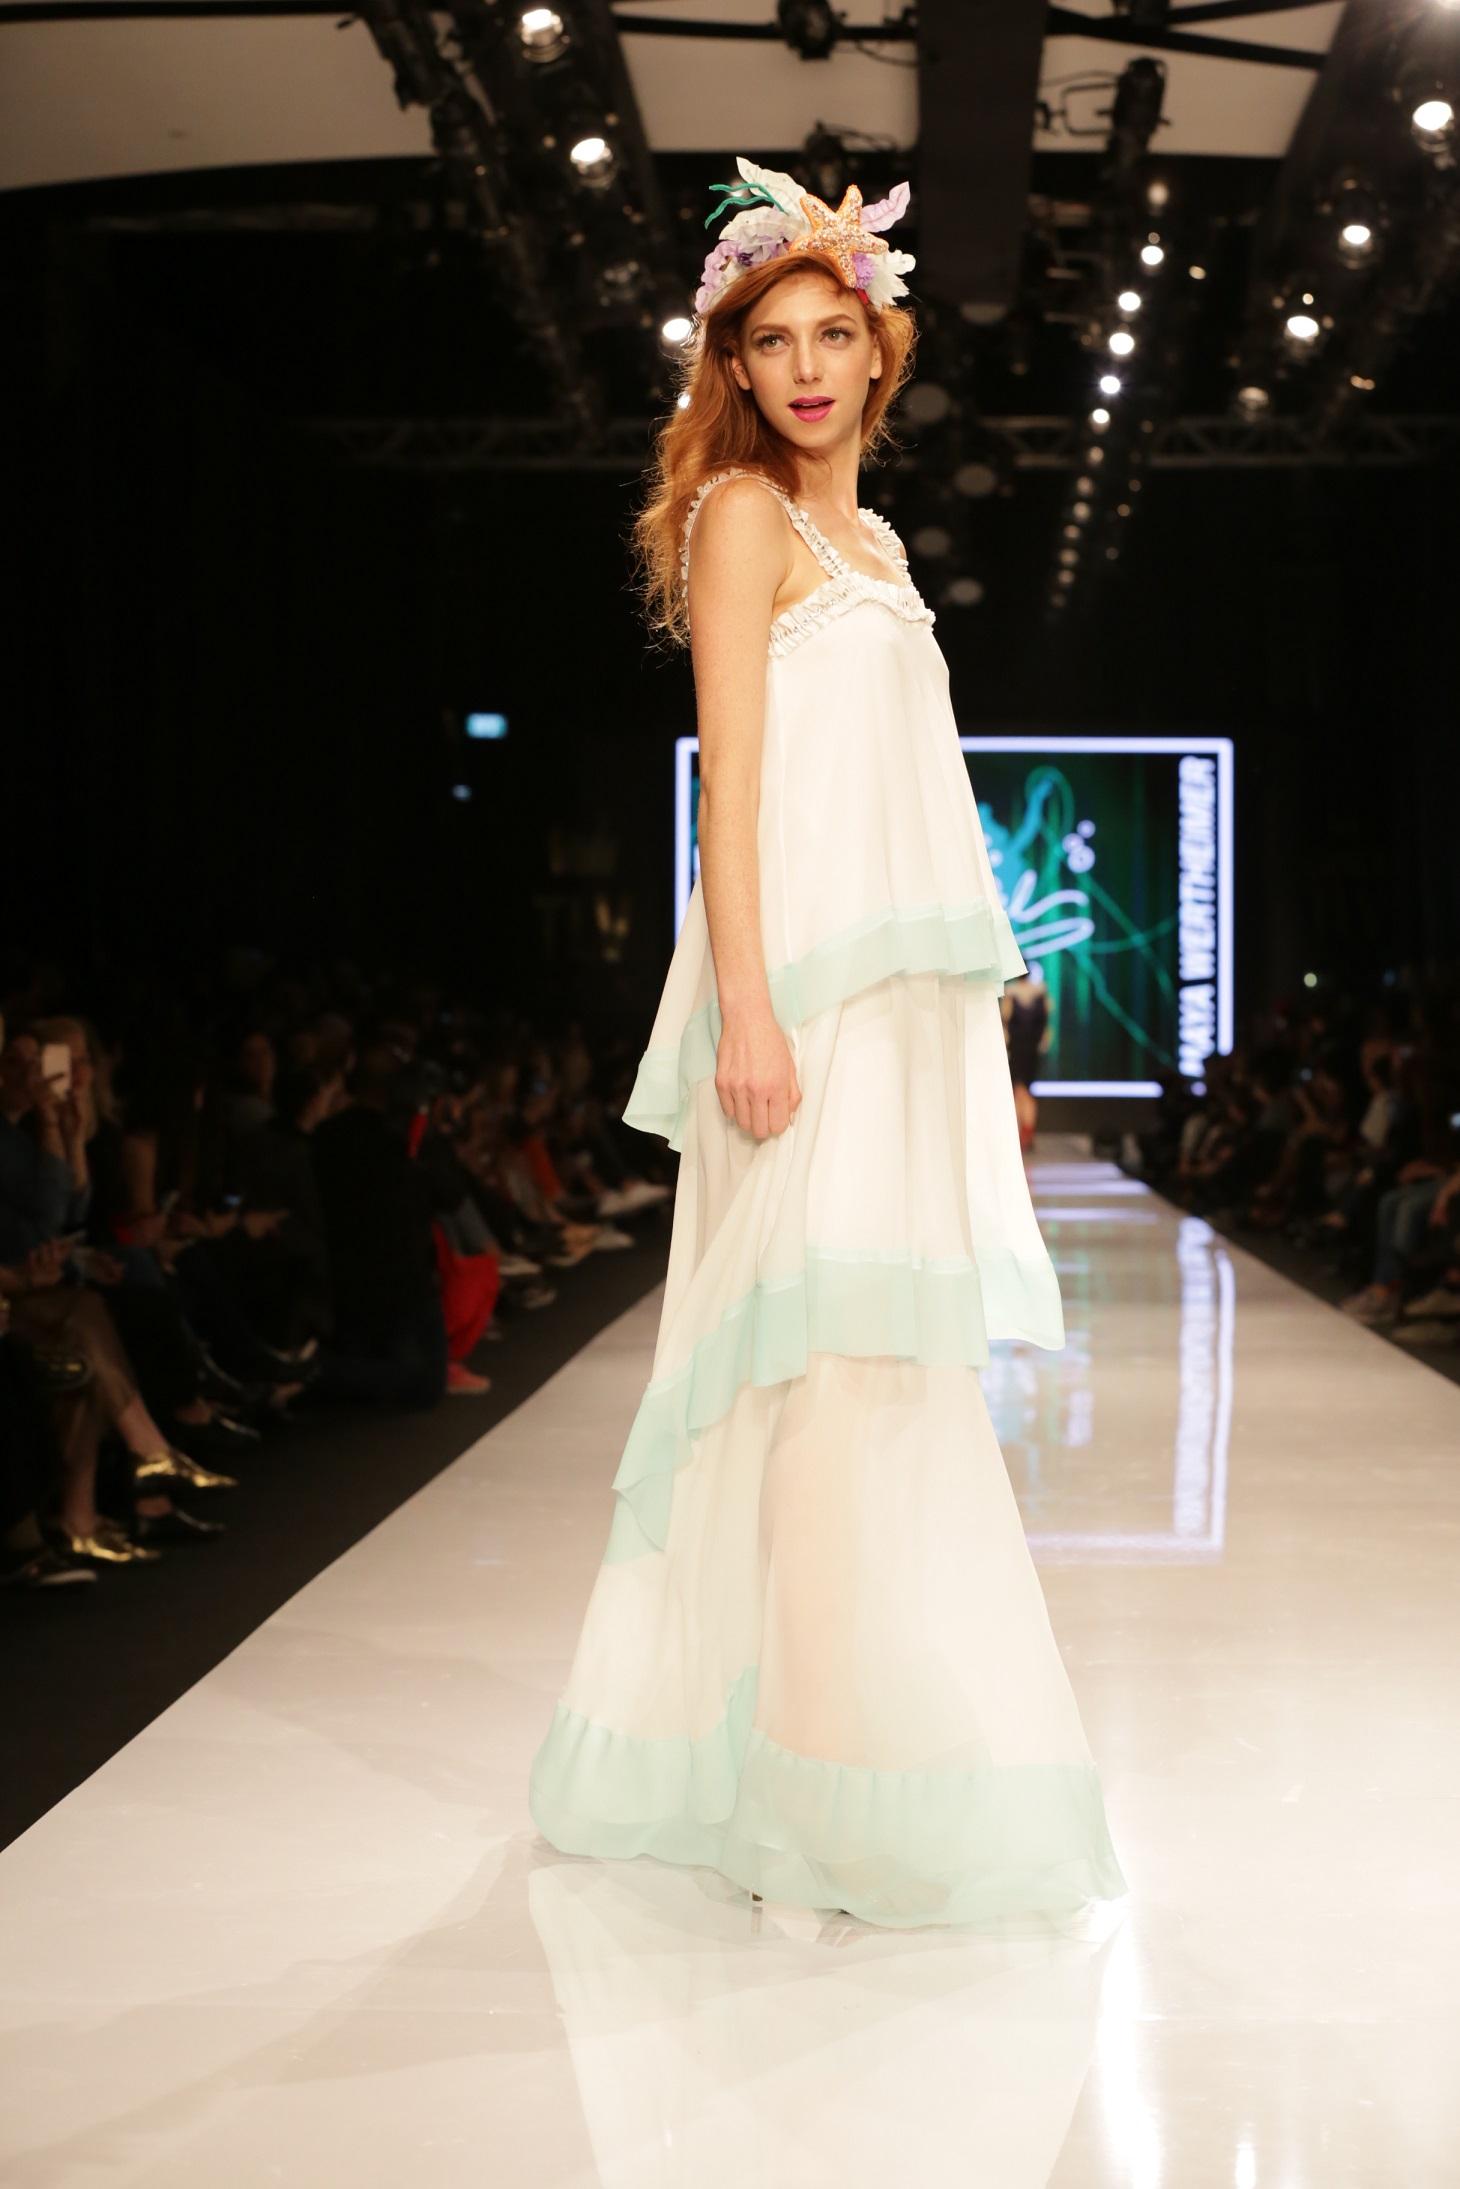 מאיה ורטהיימר בהשראת בת הים הקטנה של בית האופנה  משכית (צילום: אבי ולדמן)